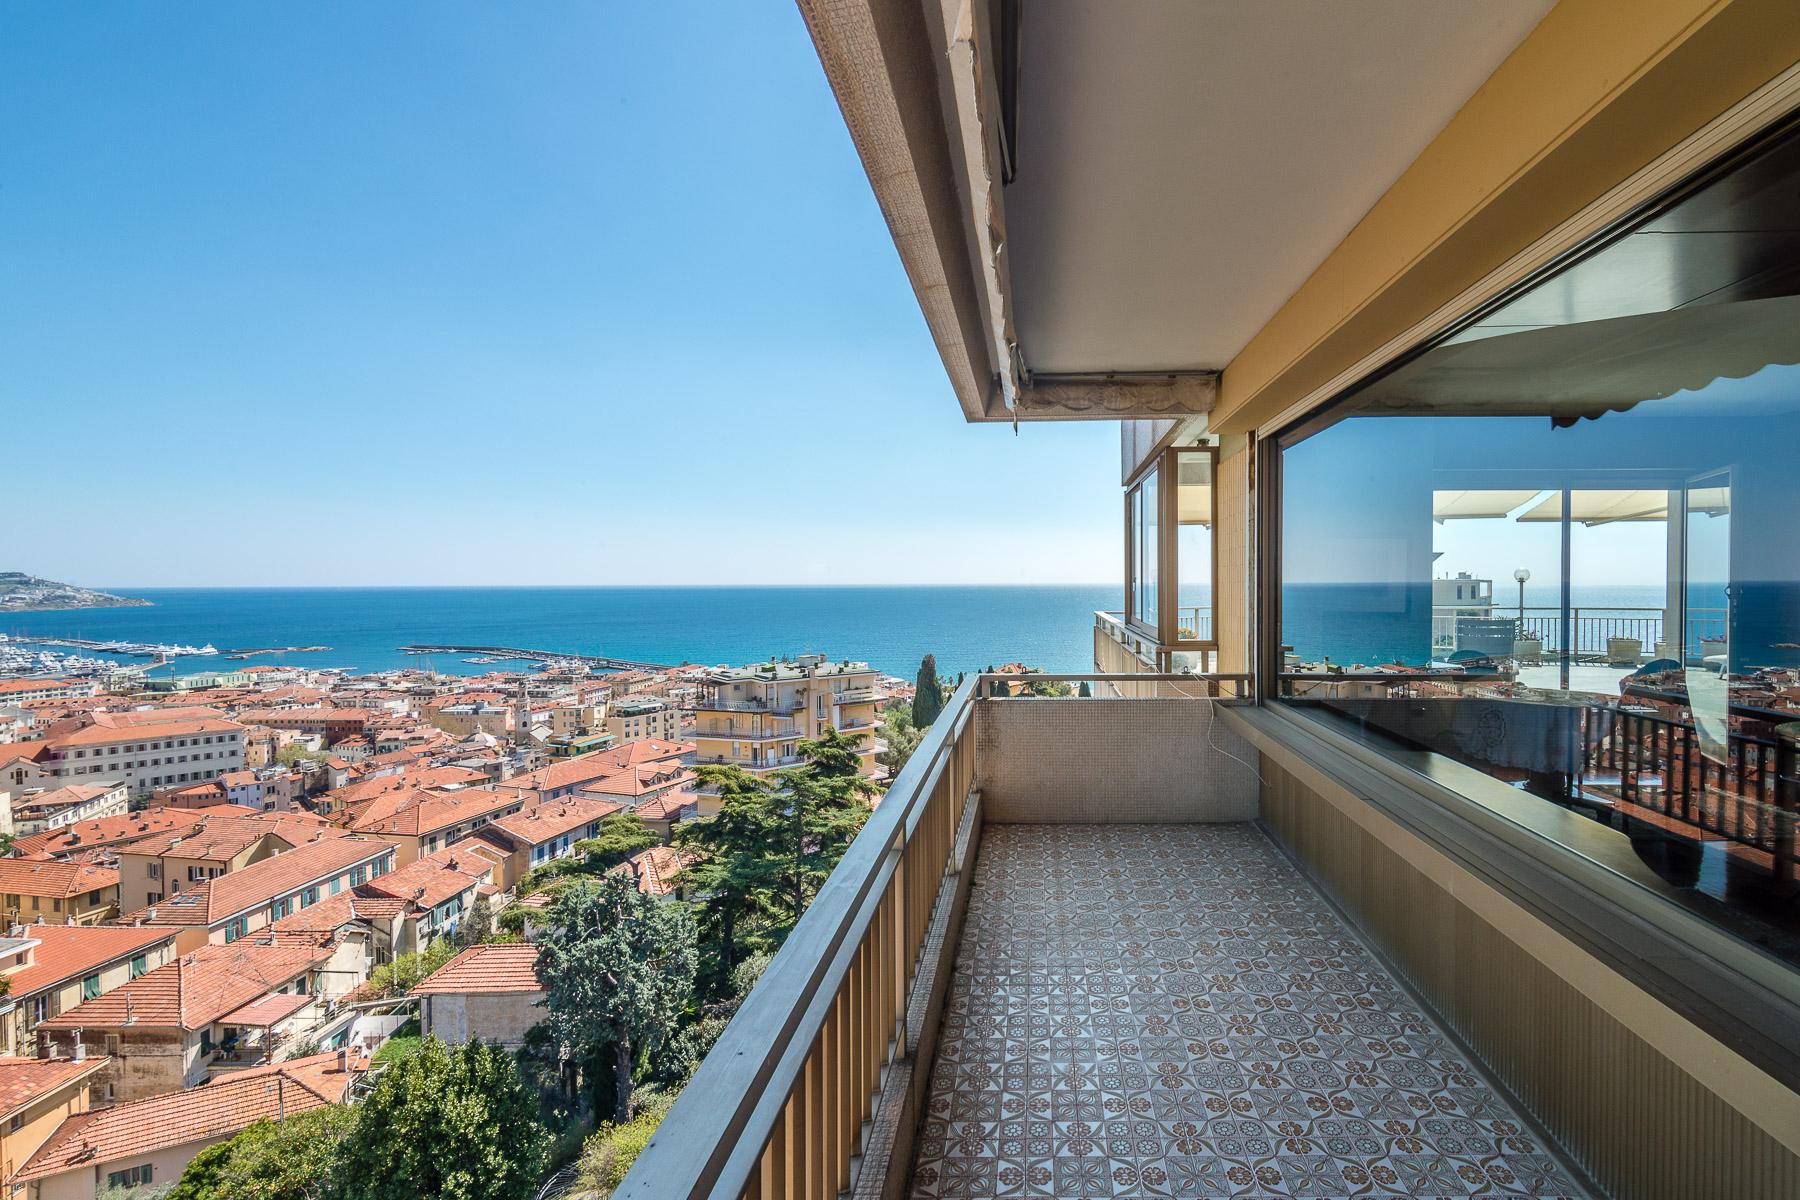 Appartamento in Vendita a Sanremo: 4 locali, 120 mq - Foto 12